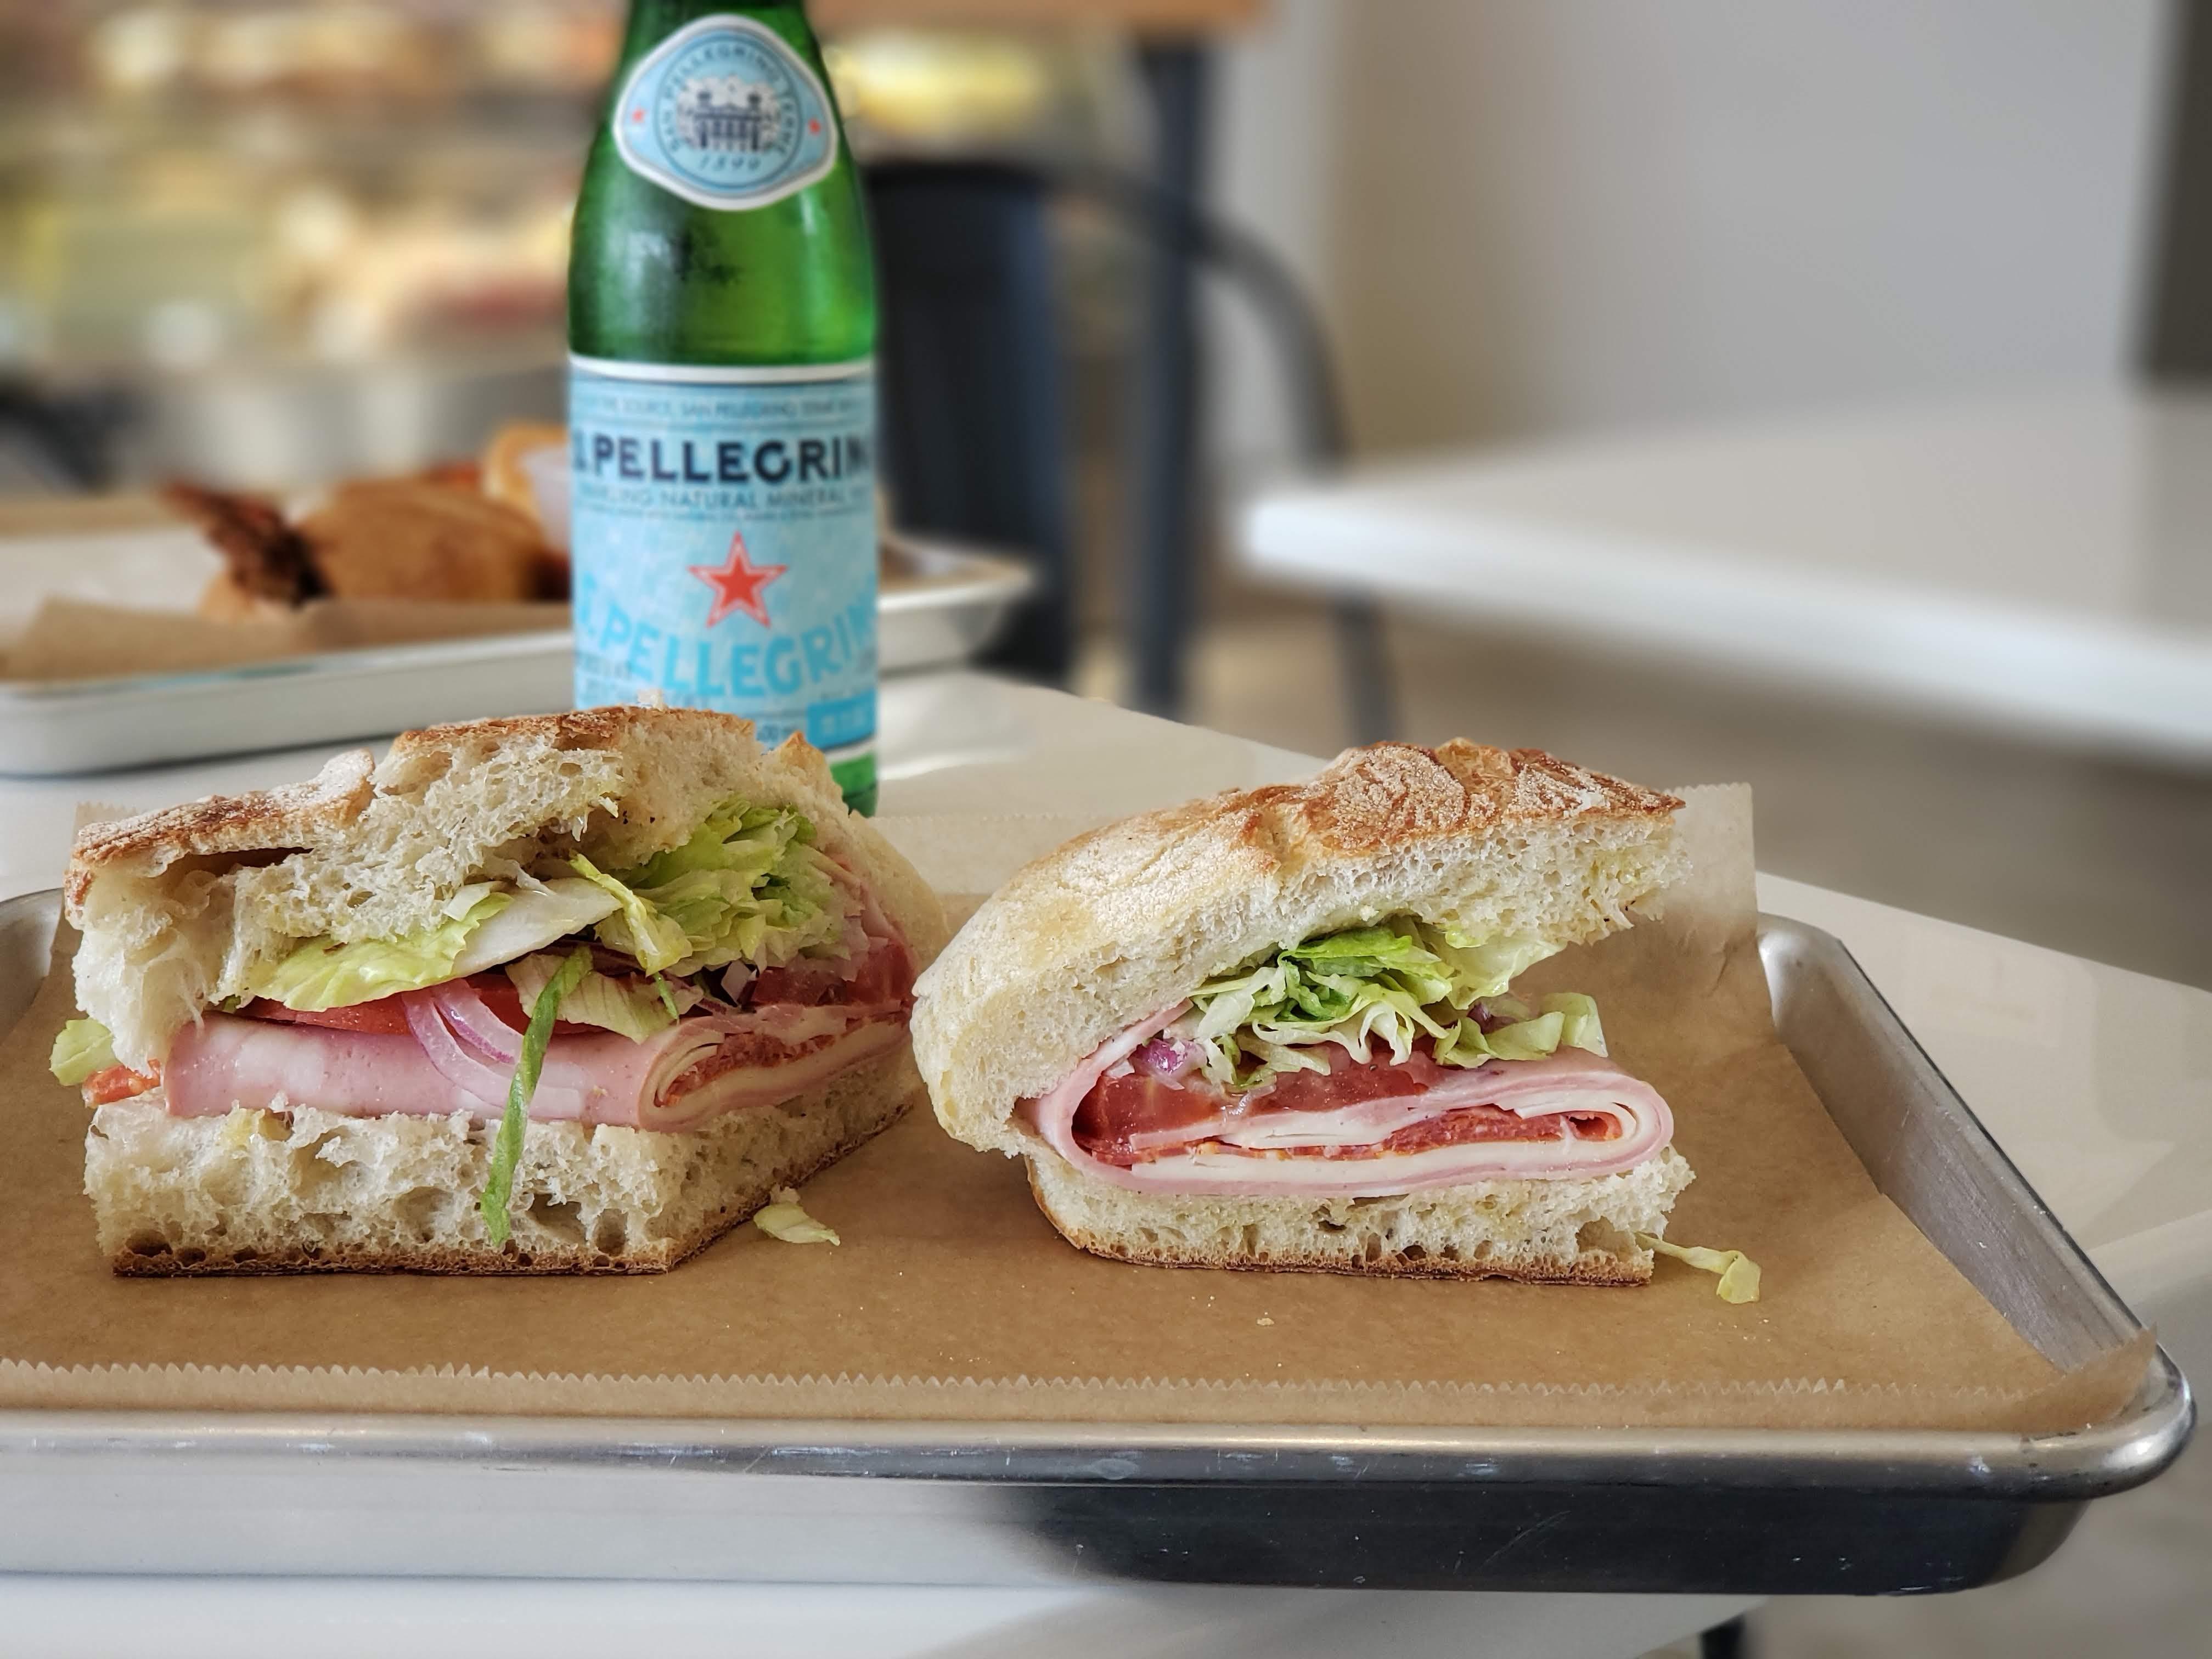 The Corner Deli sandwich from Rocco's Italian Deli in Midtown.